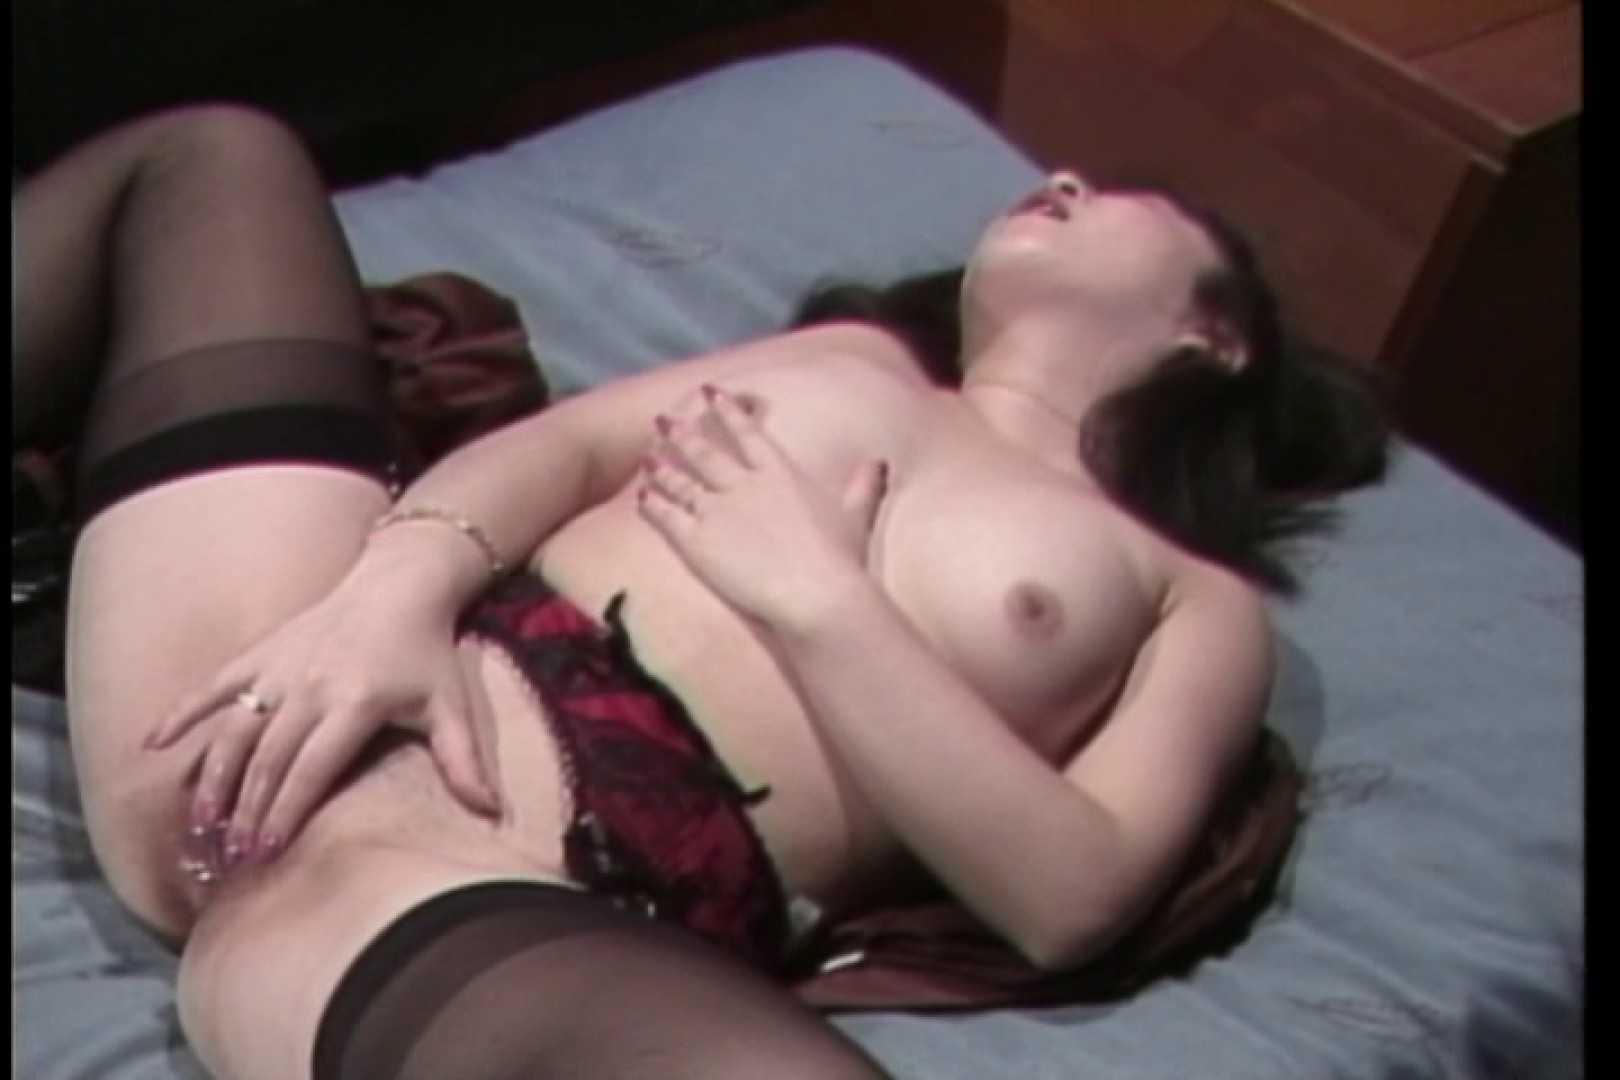 変態亜美のアブノーマルな世界・前編~夢野亜美~ オナニー特集   巨乳デカ乳  112画像 83